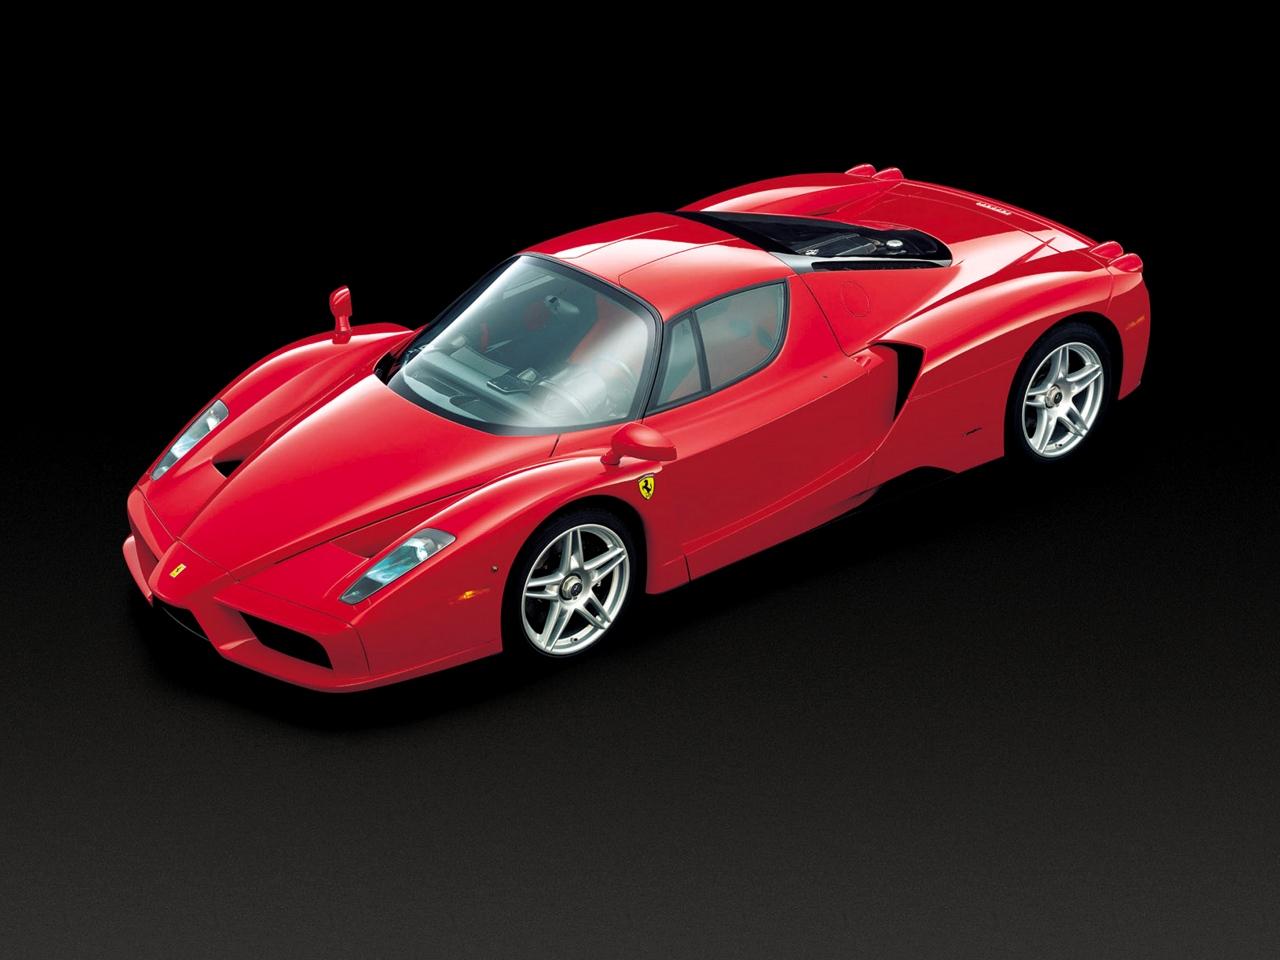 2002 Ferrari Enzo Motor Desktop